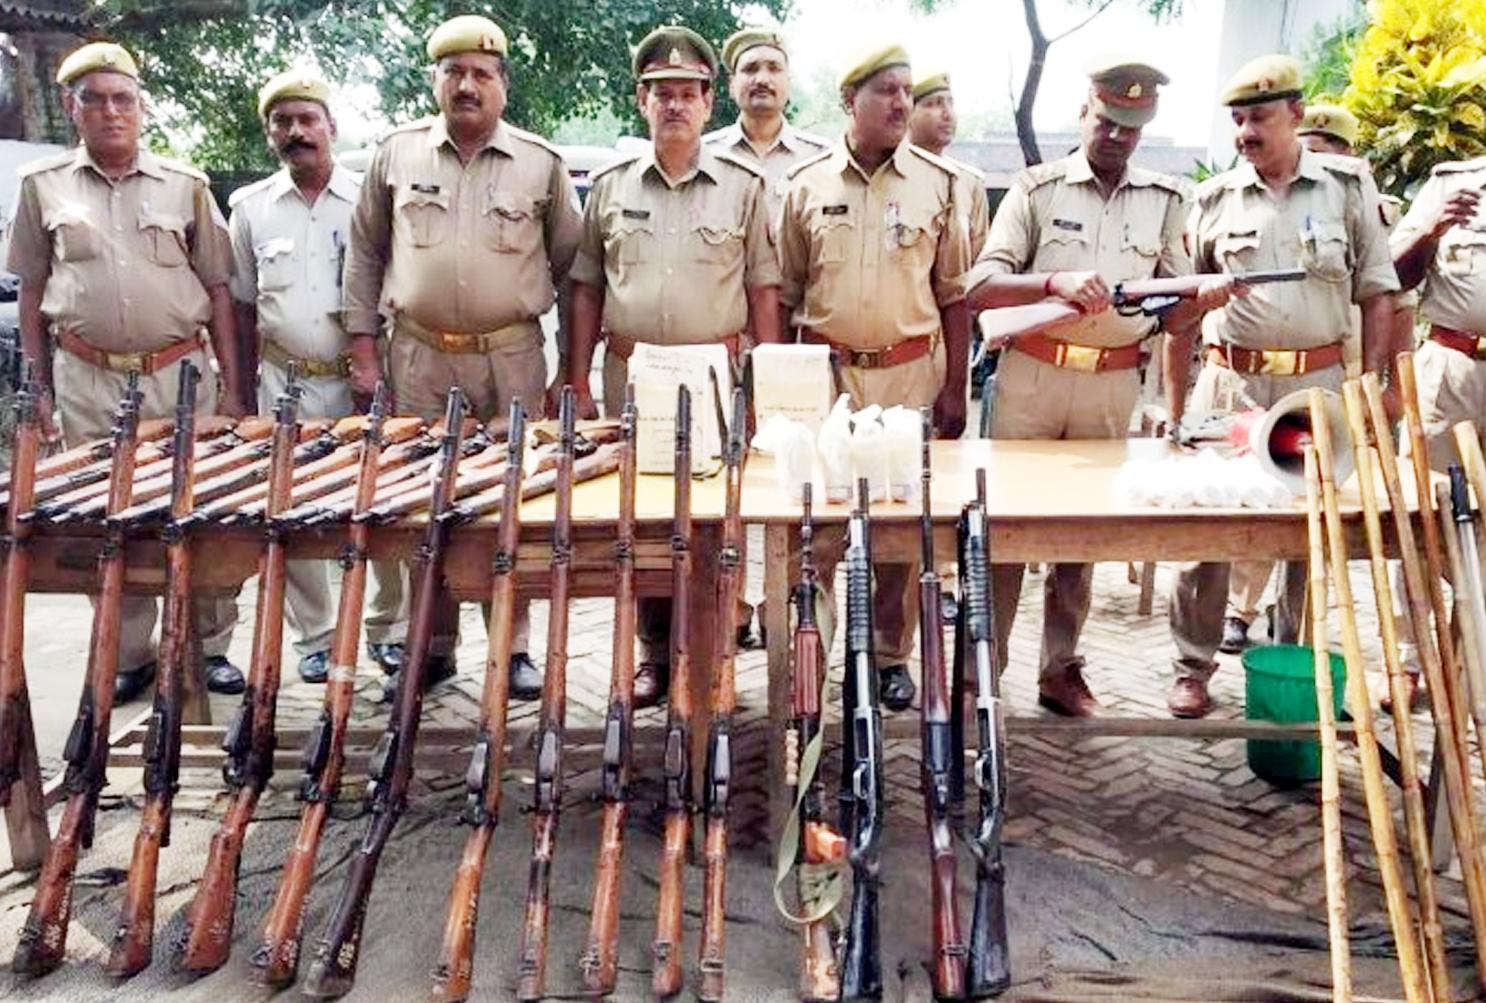 दंगा रिहर्सल के दौरान पुलिस की बंदूकों ने छोड़ा धुआं, इसी महीने आ सकता राम मंदिर पर सुप्रीम कोर्ट का फैसला